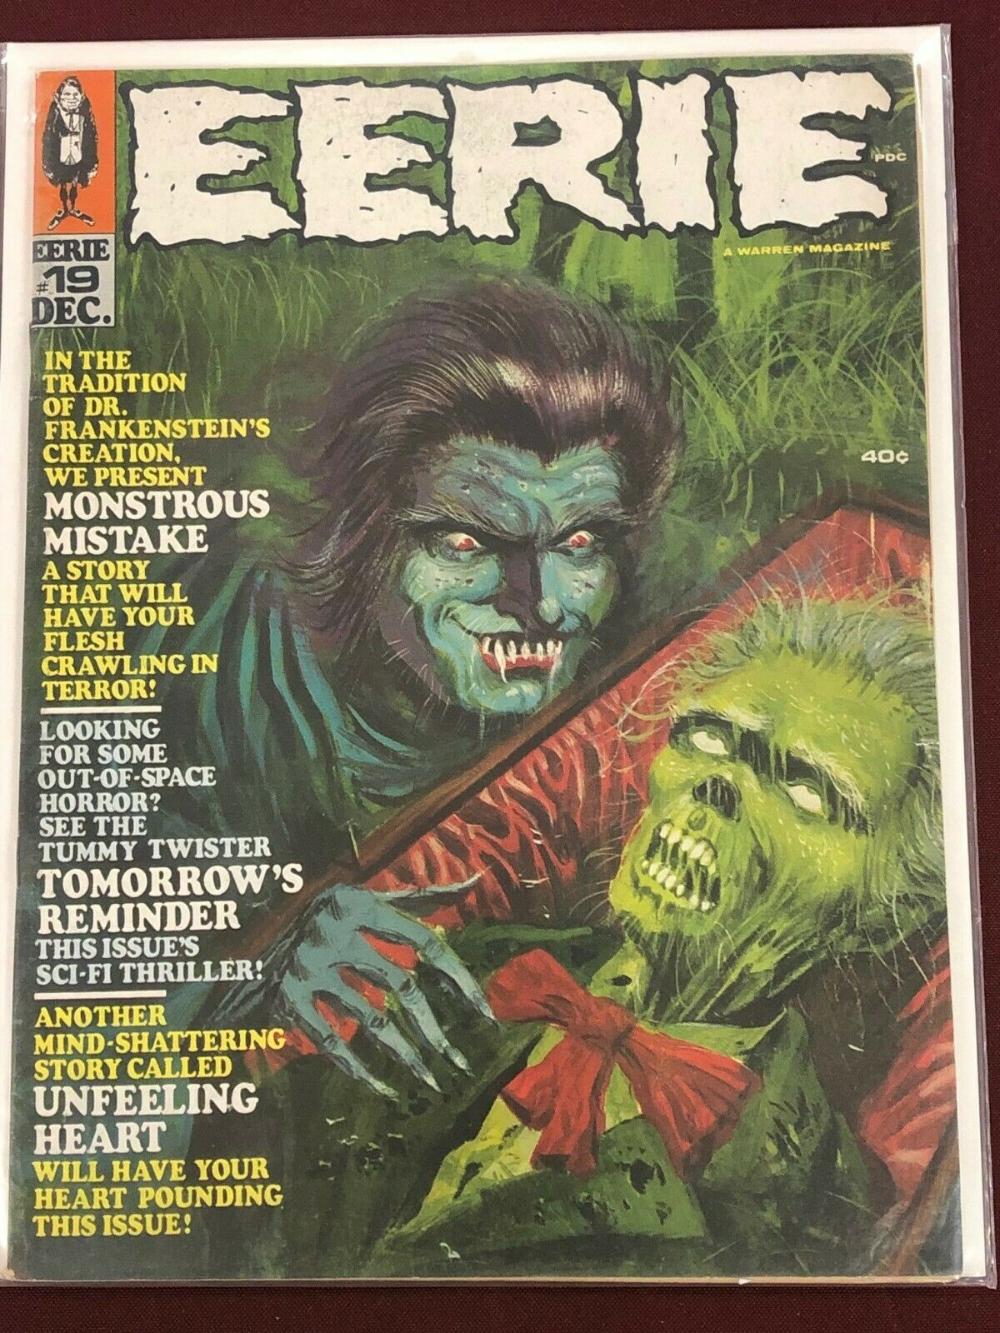 EERIE MAGAZINE 19ハイミッドグレードホラーコミック  eBay #19ハイミッドグレードホラーコミック #eBay #EERIE #Horror Comics covers #MAGAZINE